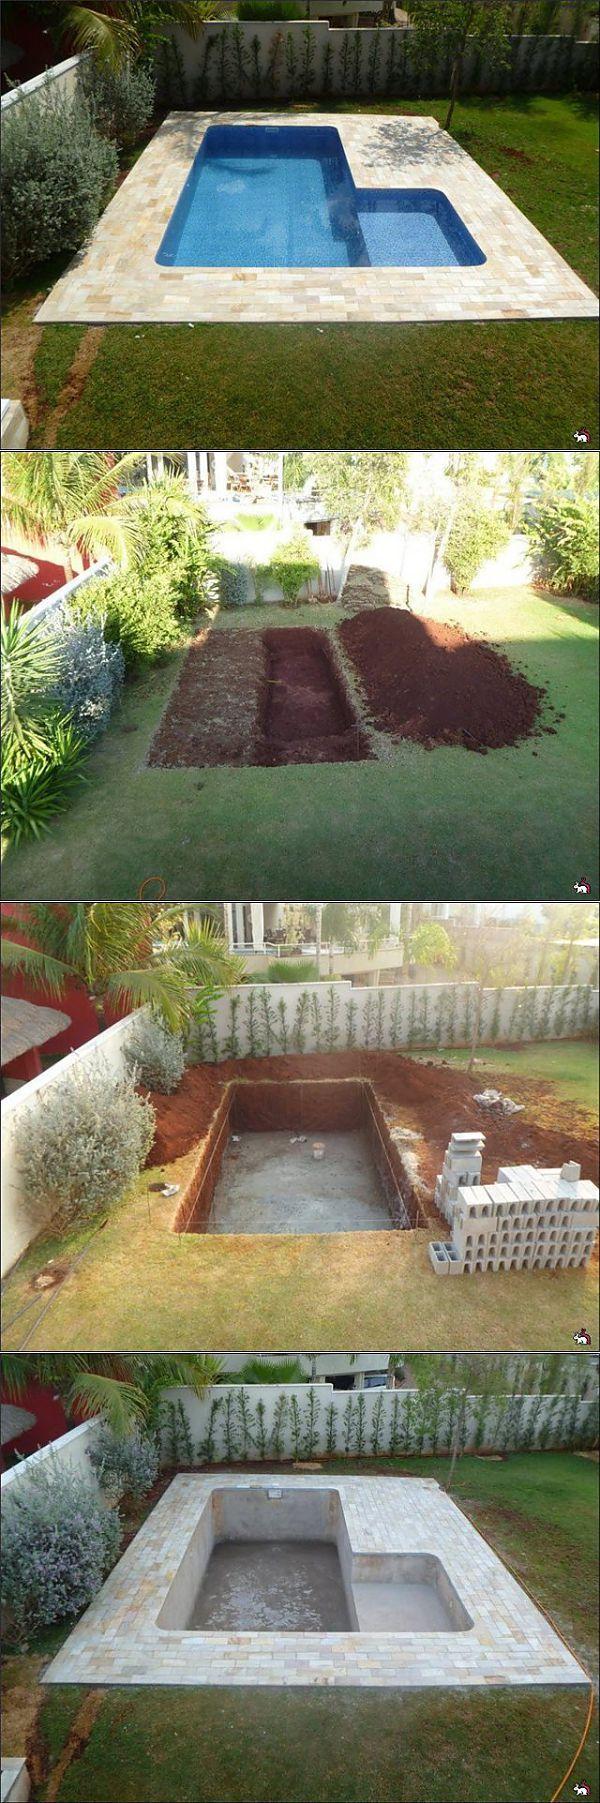 Mini-Pool in ihrem Ferienhaus mit eigenen Händen #poolimgartenideen